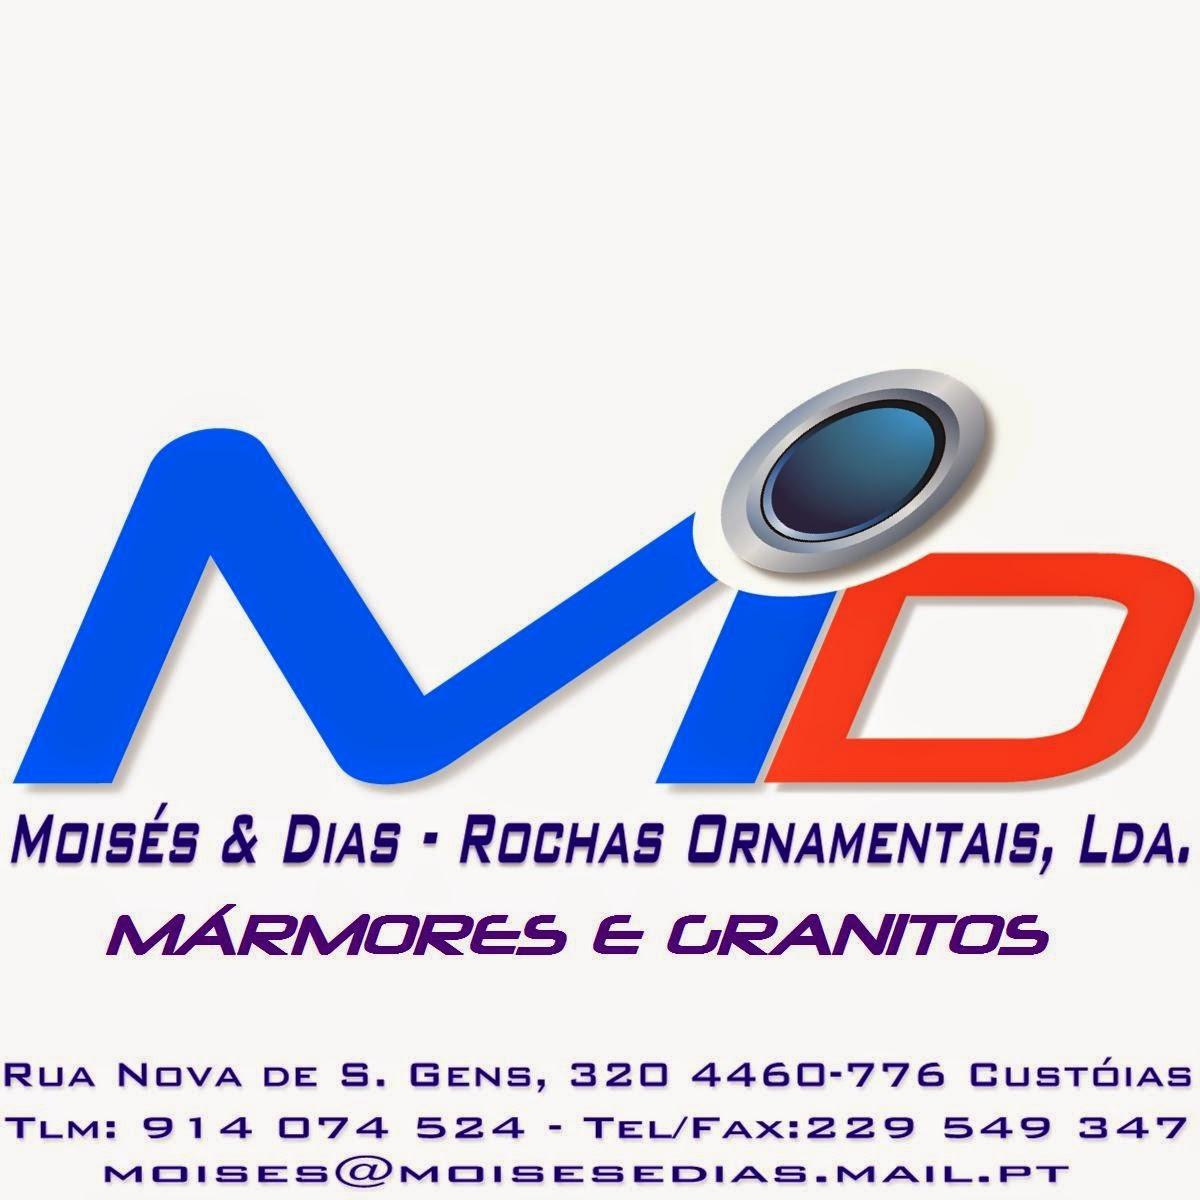 MÁRMORES E GRANITOS